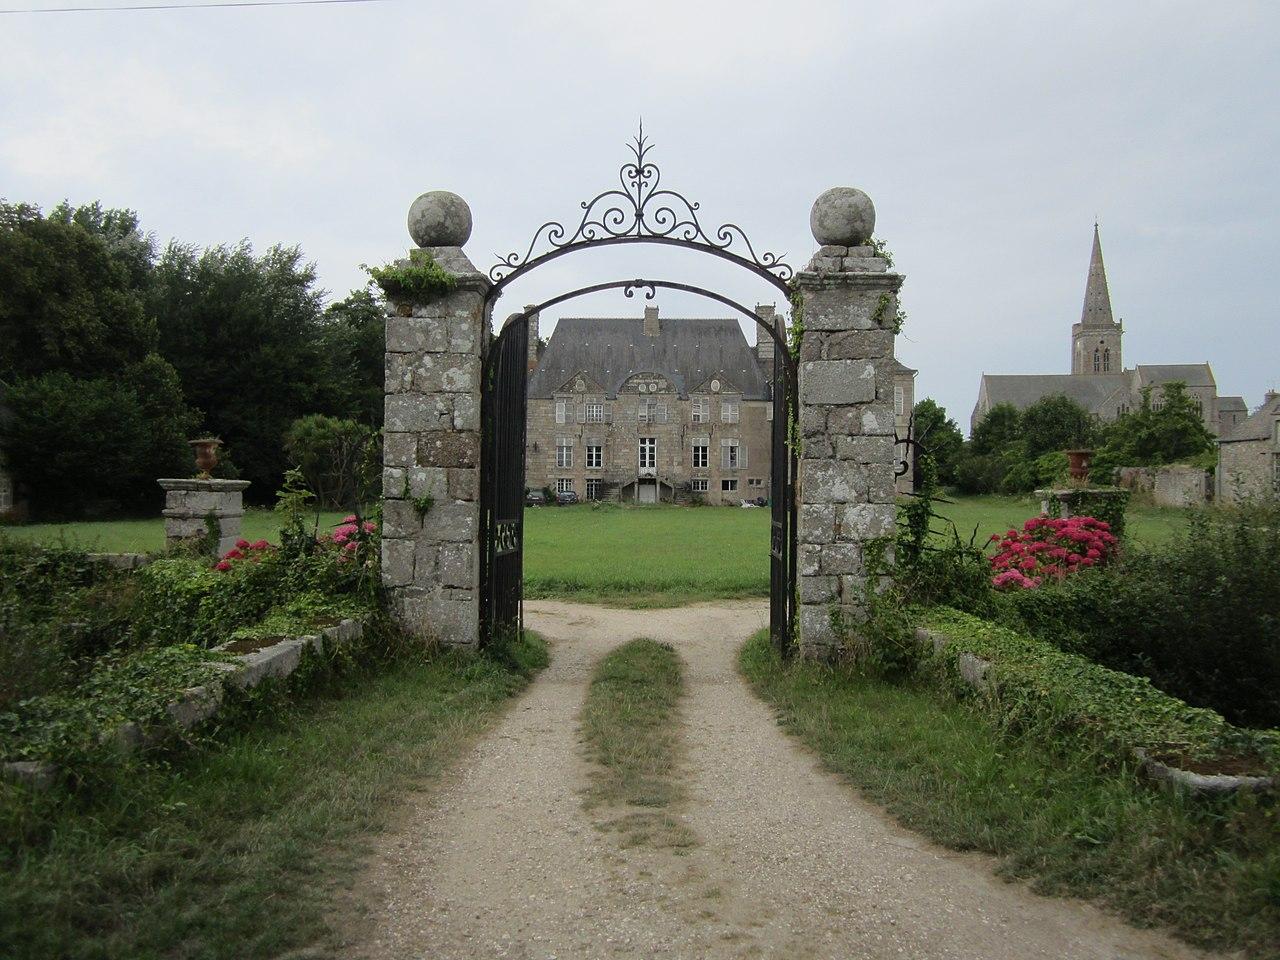 file ch teau de r ville chateau et grille d 39 entr e jpg wikimedia commons. Black Bedroom Furniture Sets. Home Design Ideas